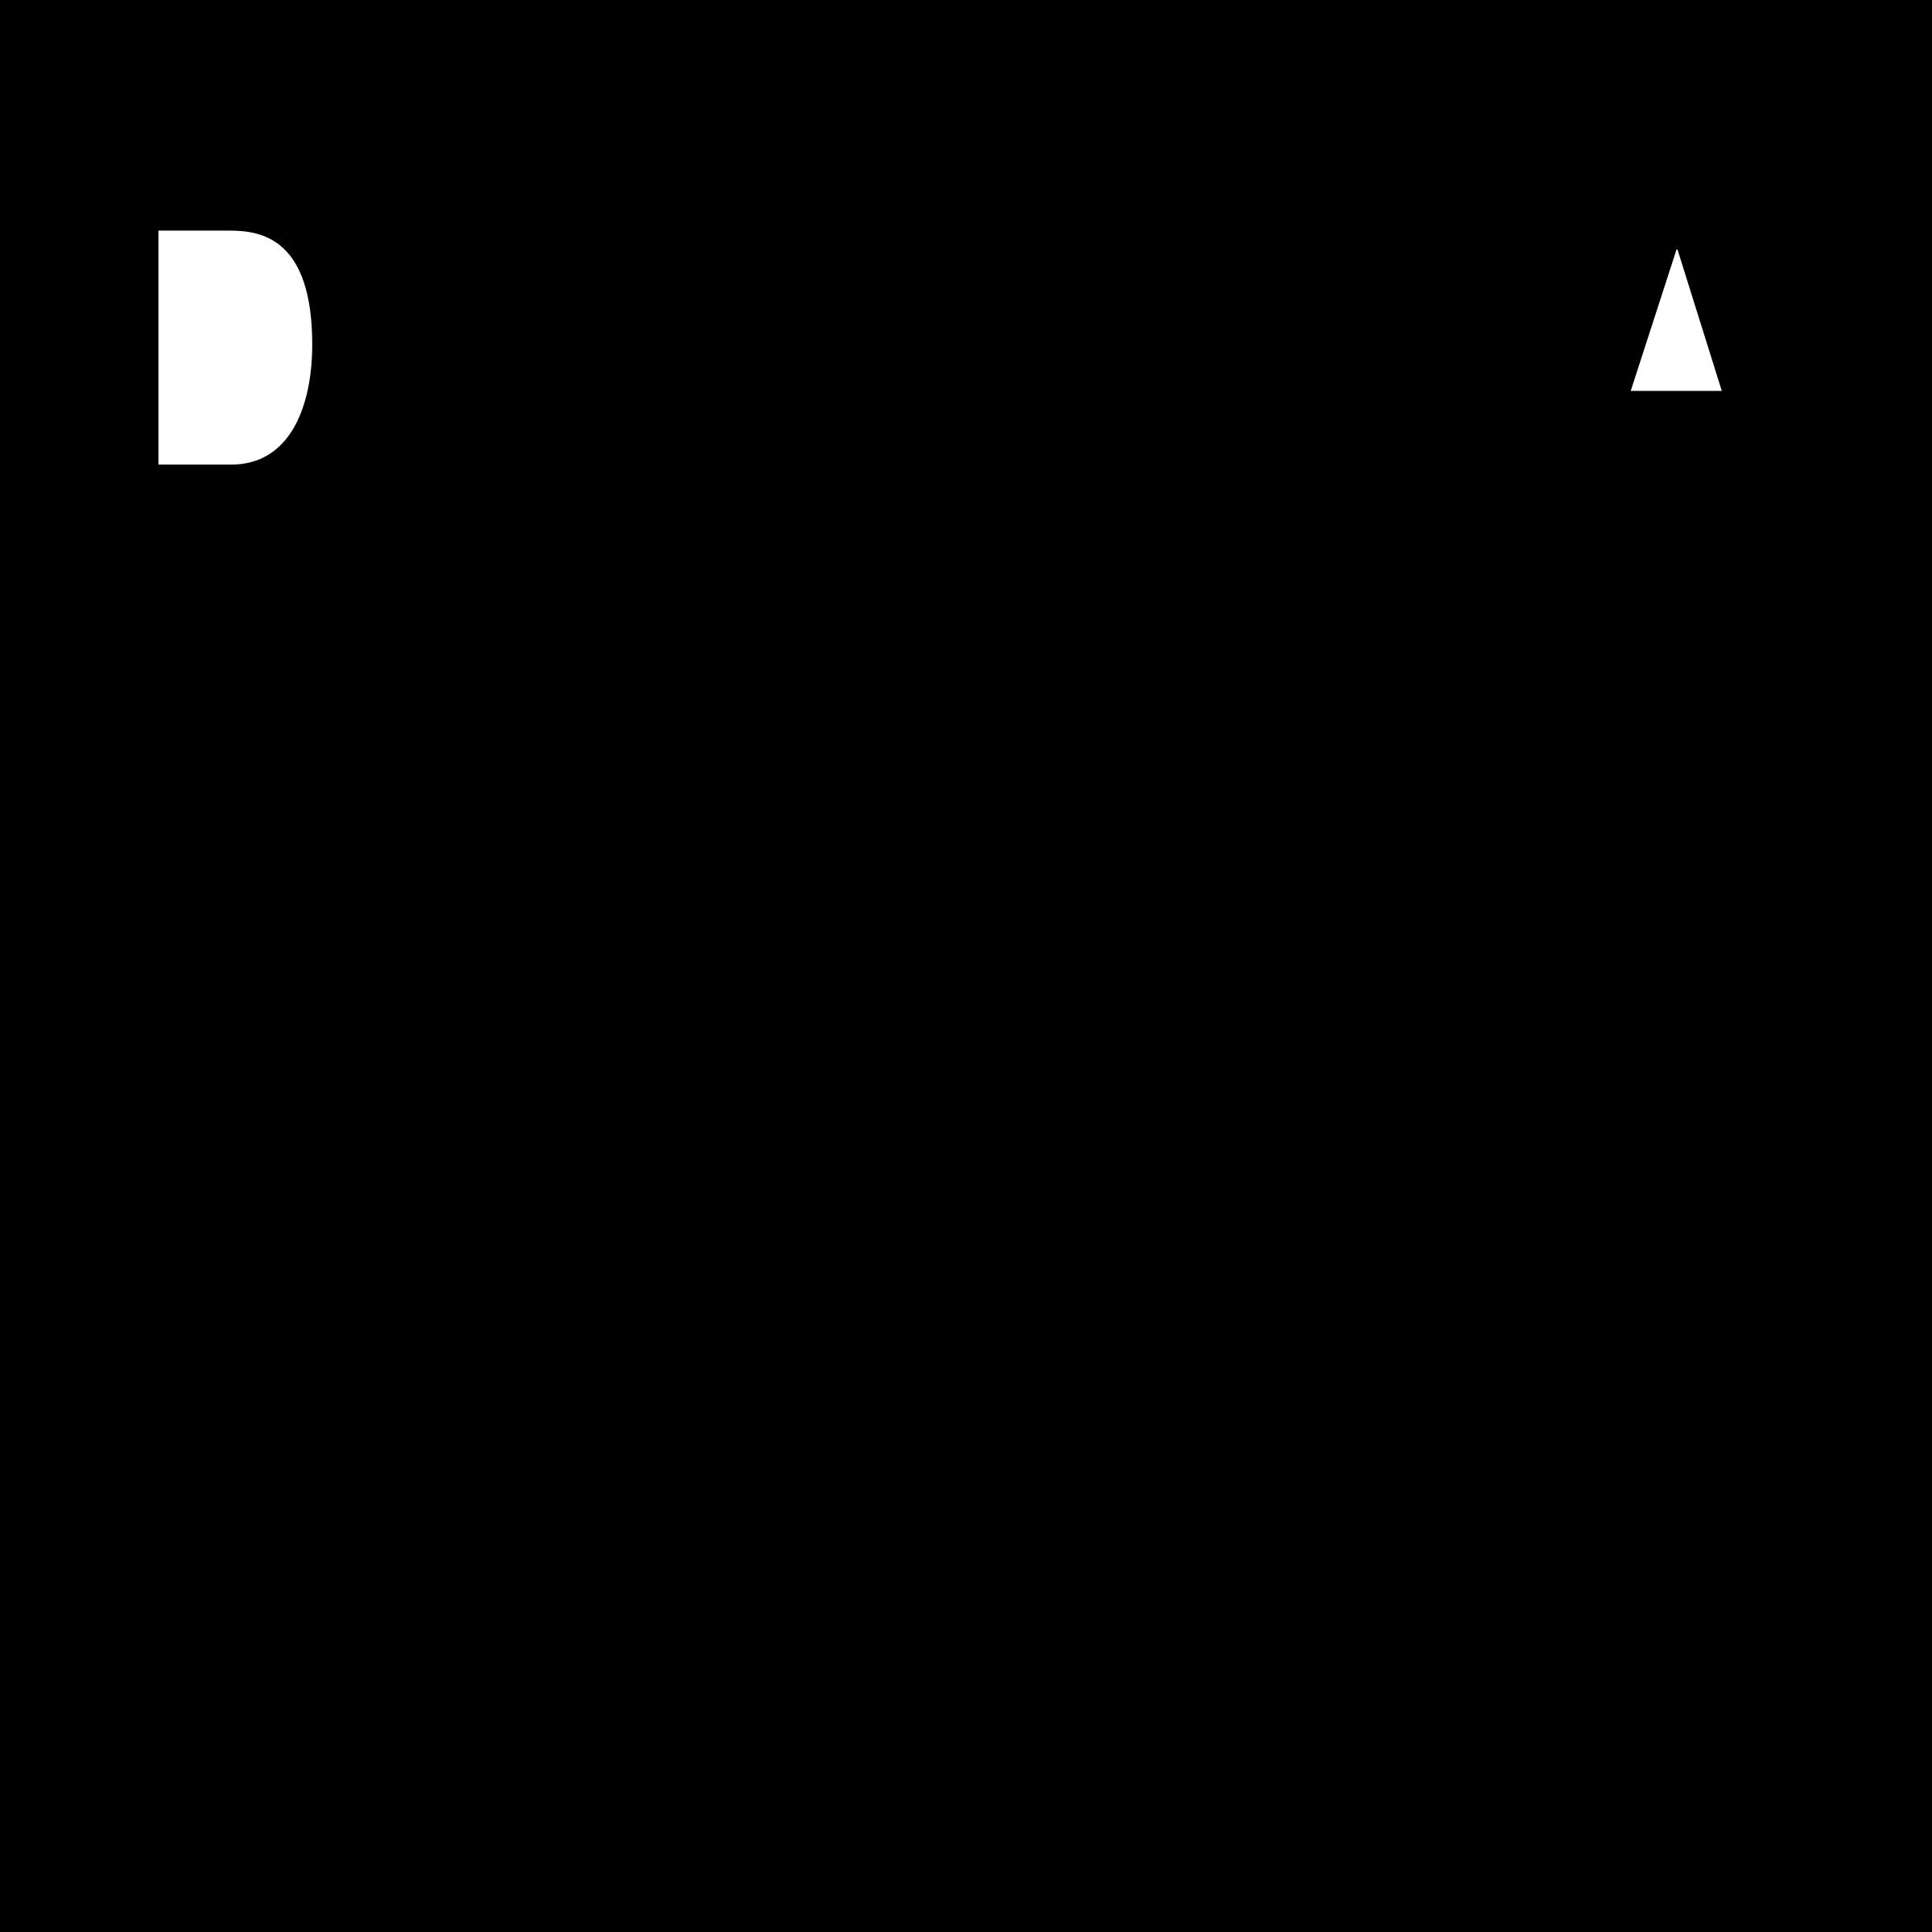 Delta Logo PNG Transparent & SVG Vector.